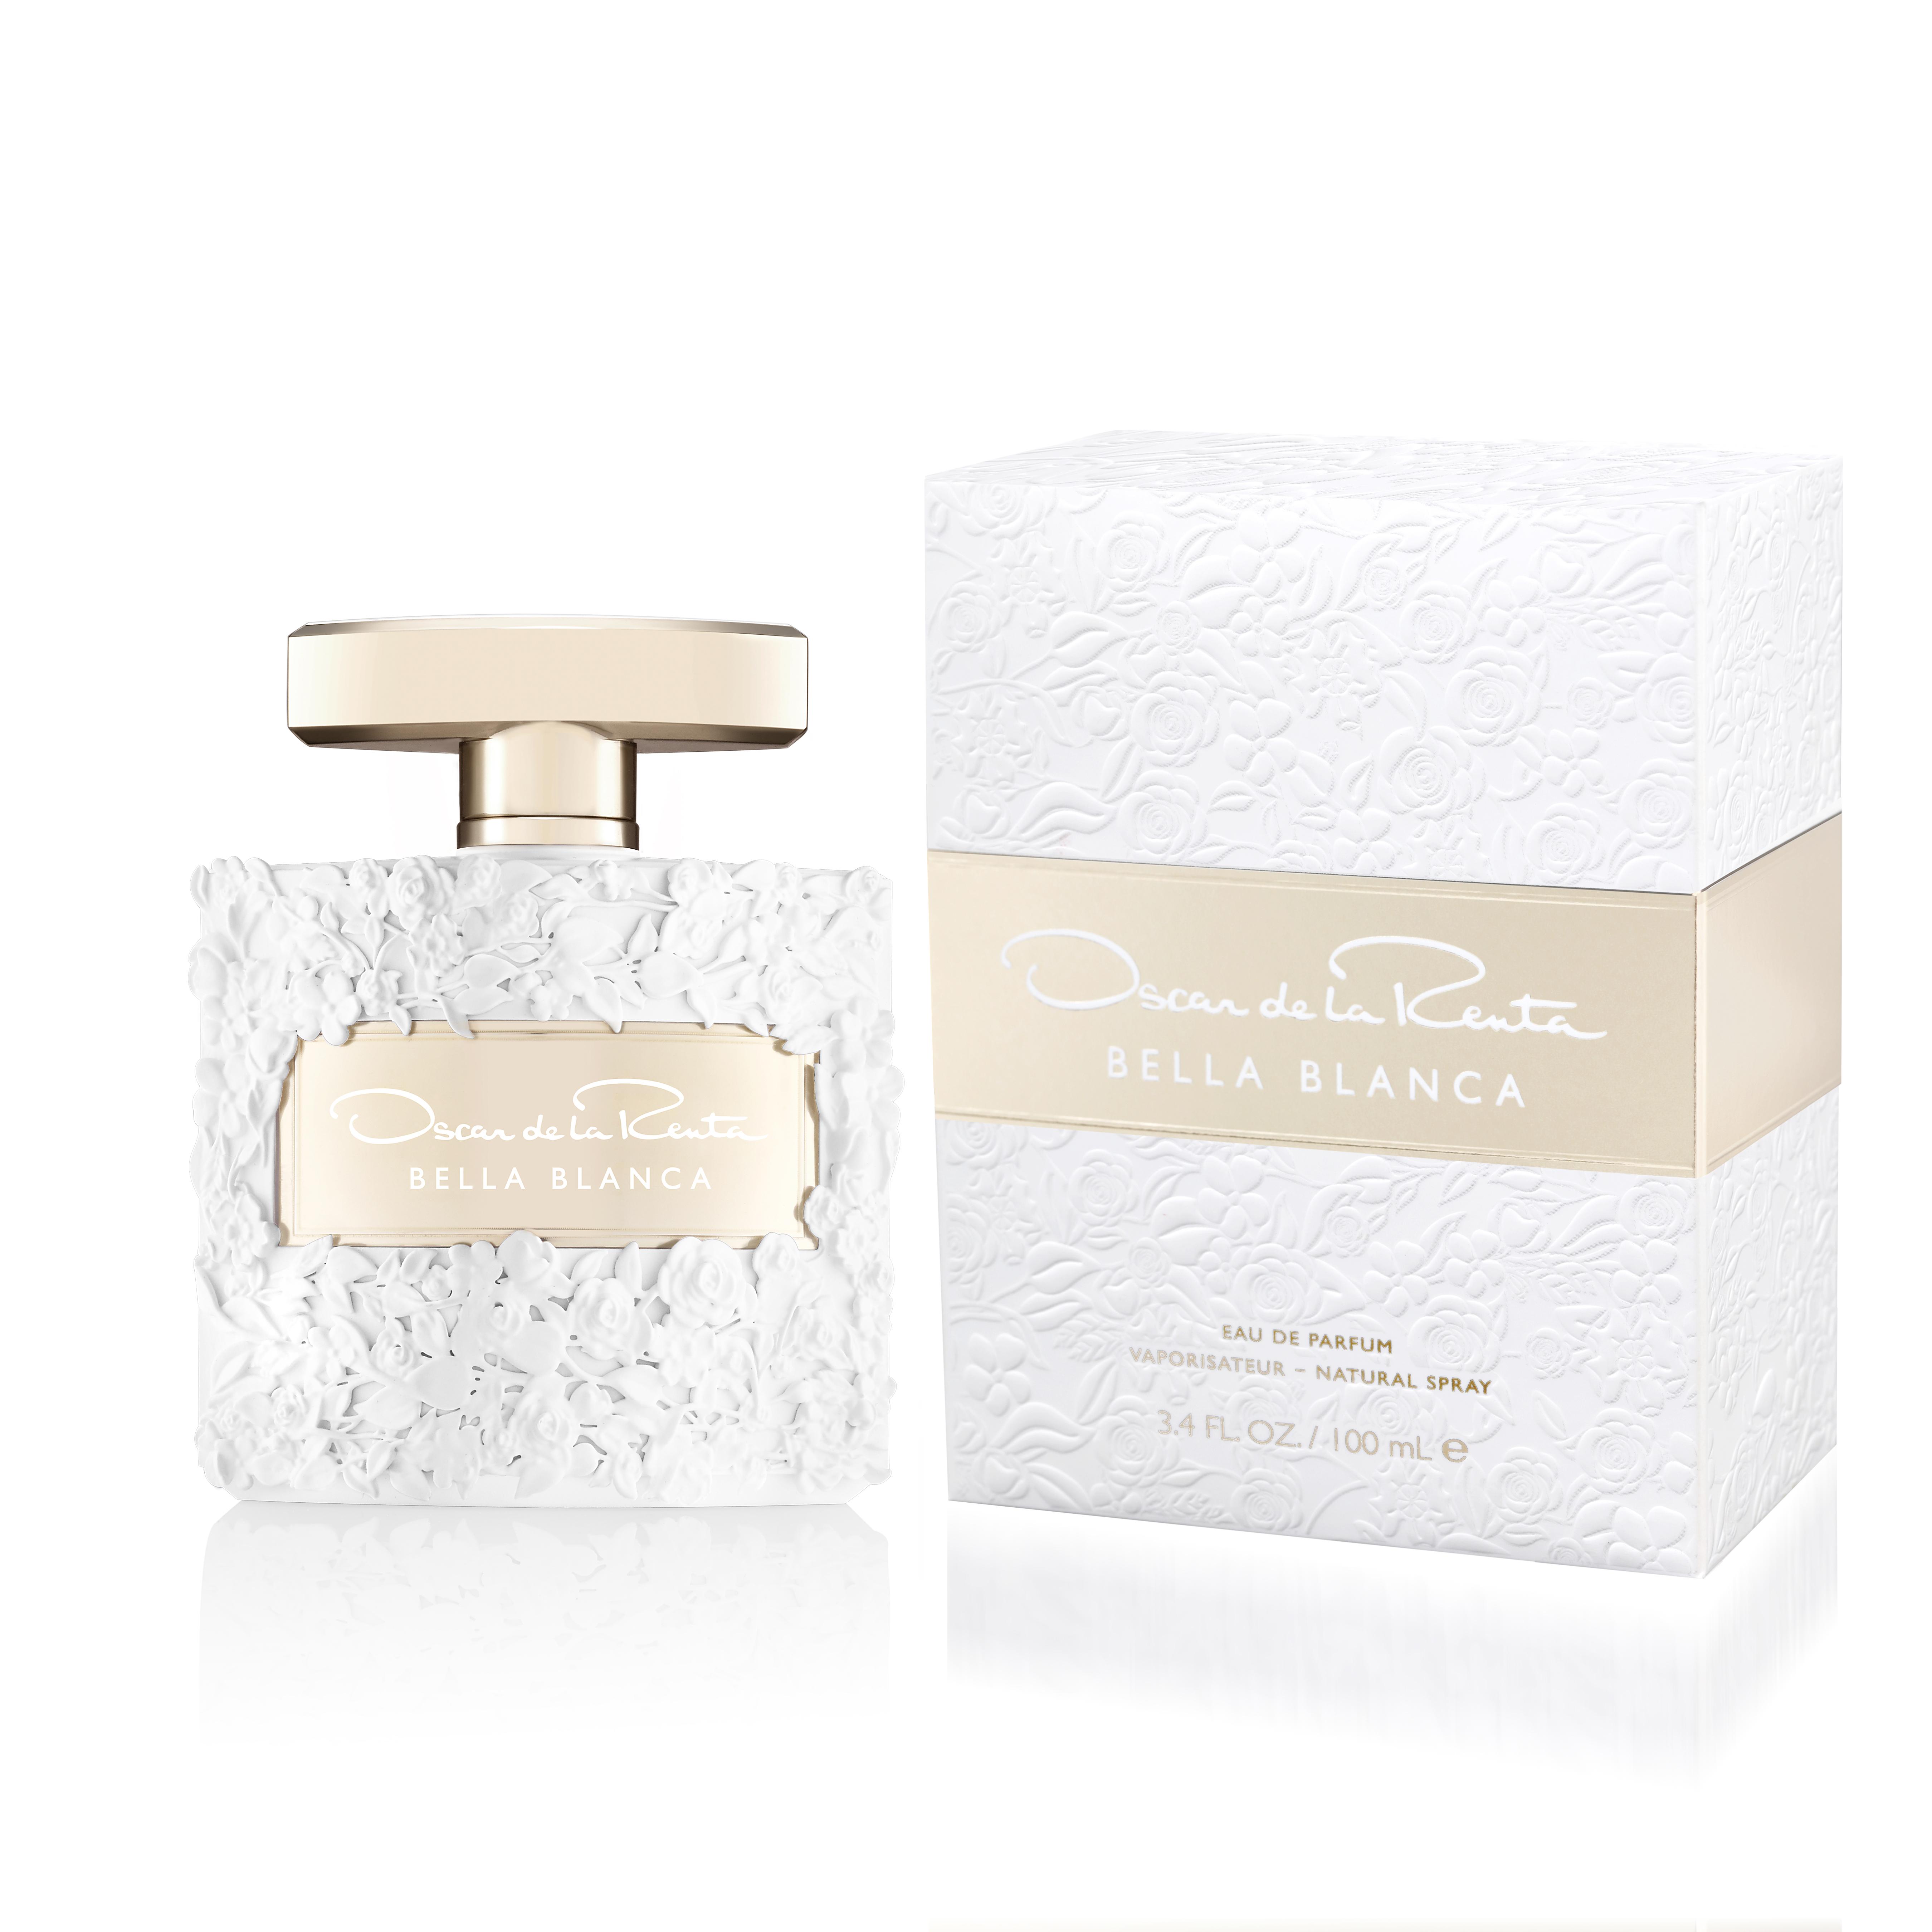 Oscar de la Renta Bella Blanca EDP, 100 ml